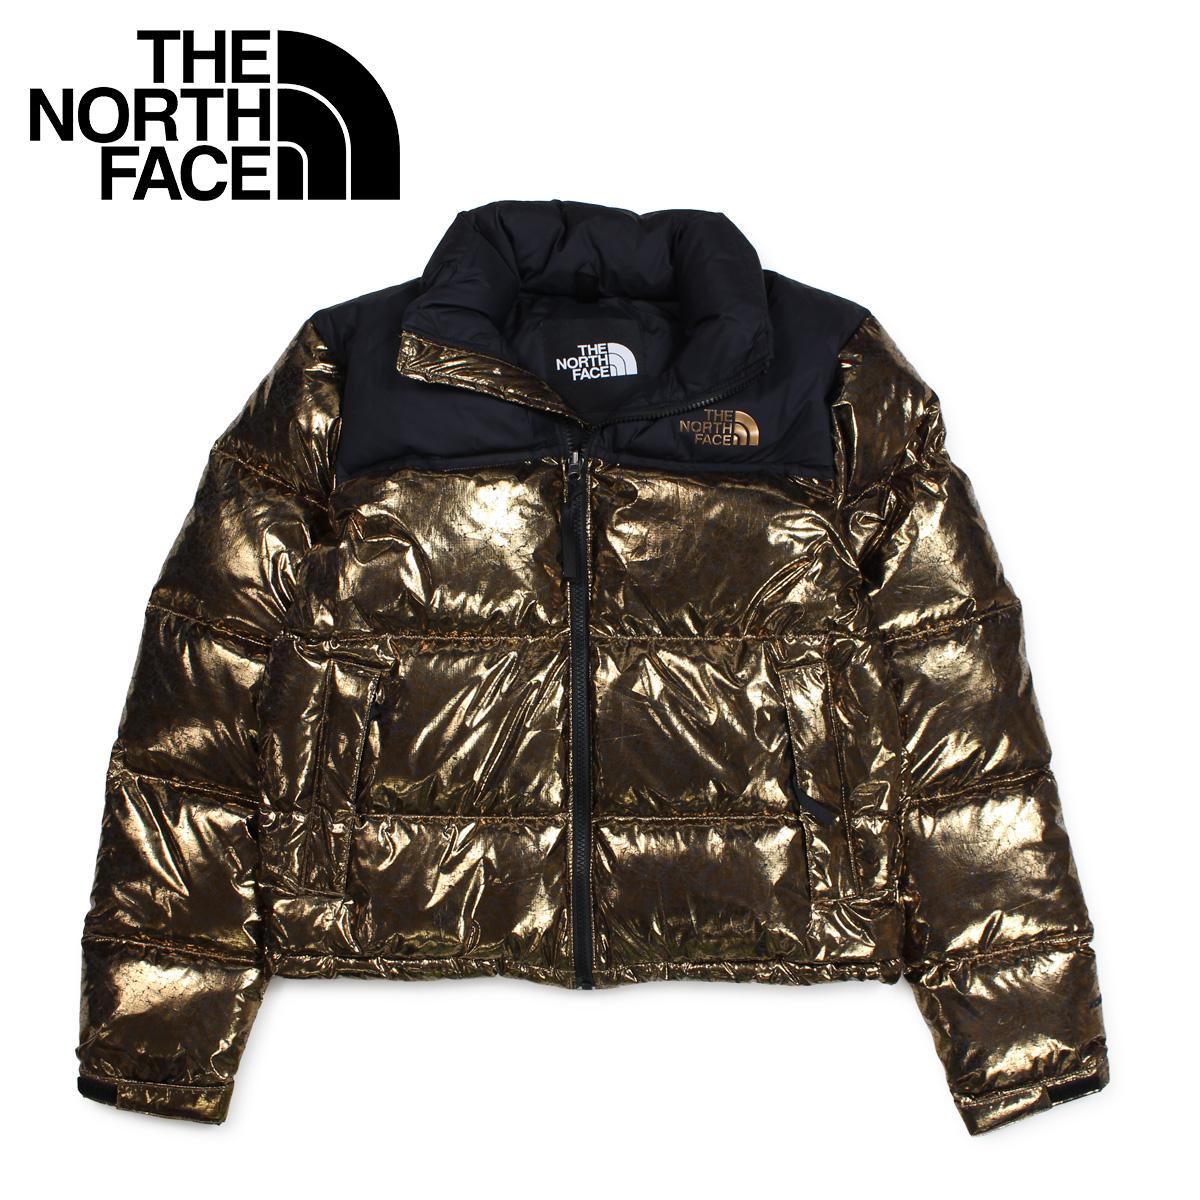 THE NORTH FACE WOMENS 1996 RETRO NUPTSE JACKET ノースフェイス ダウン ヌプシ ジャケット 1996レトロ レディース メンズ カッパー NF0A3JQR